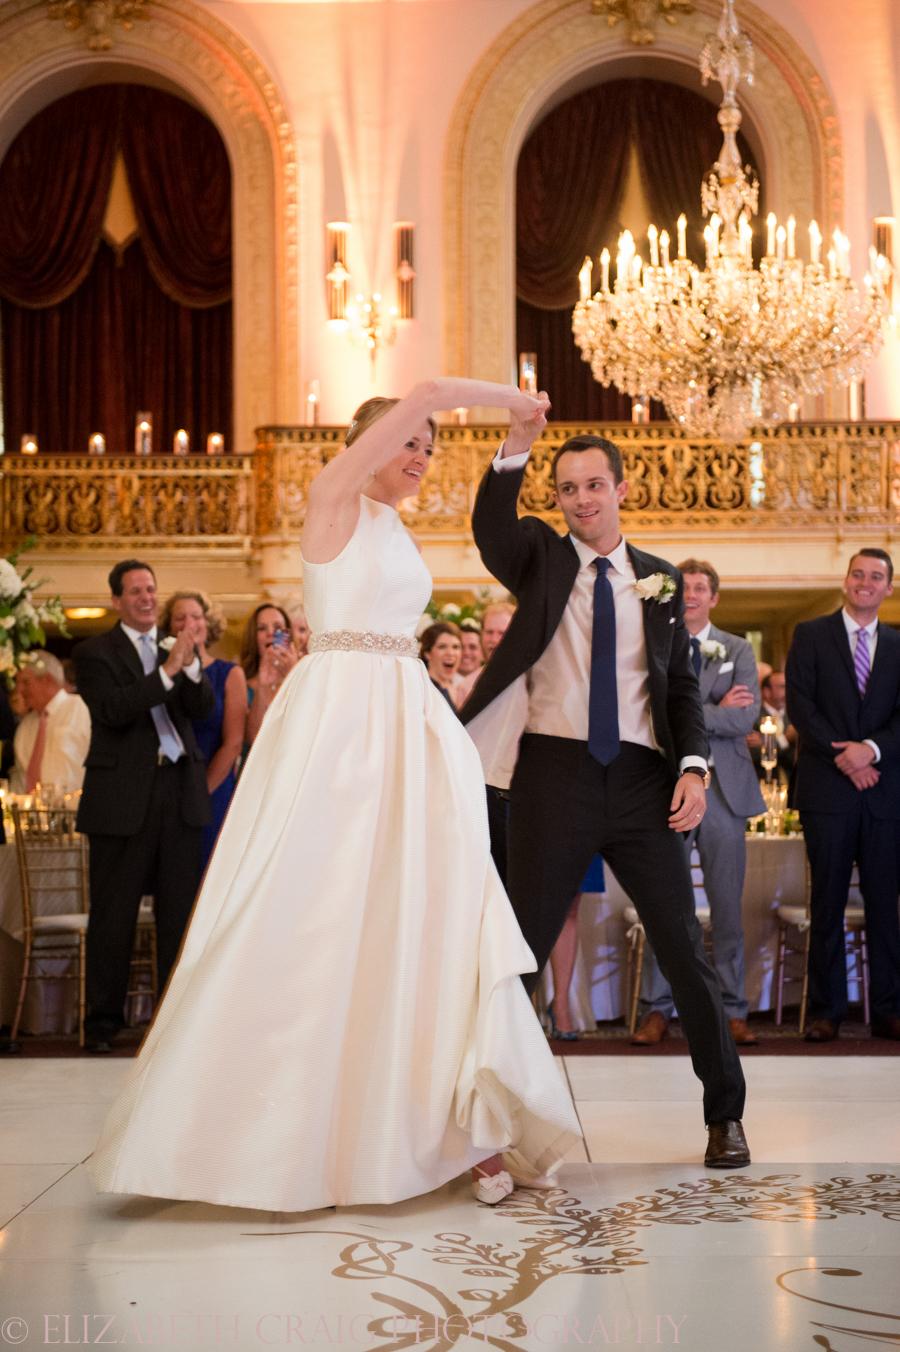 Omni WIlliam Penn Wedding Receptions-0031